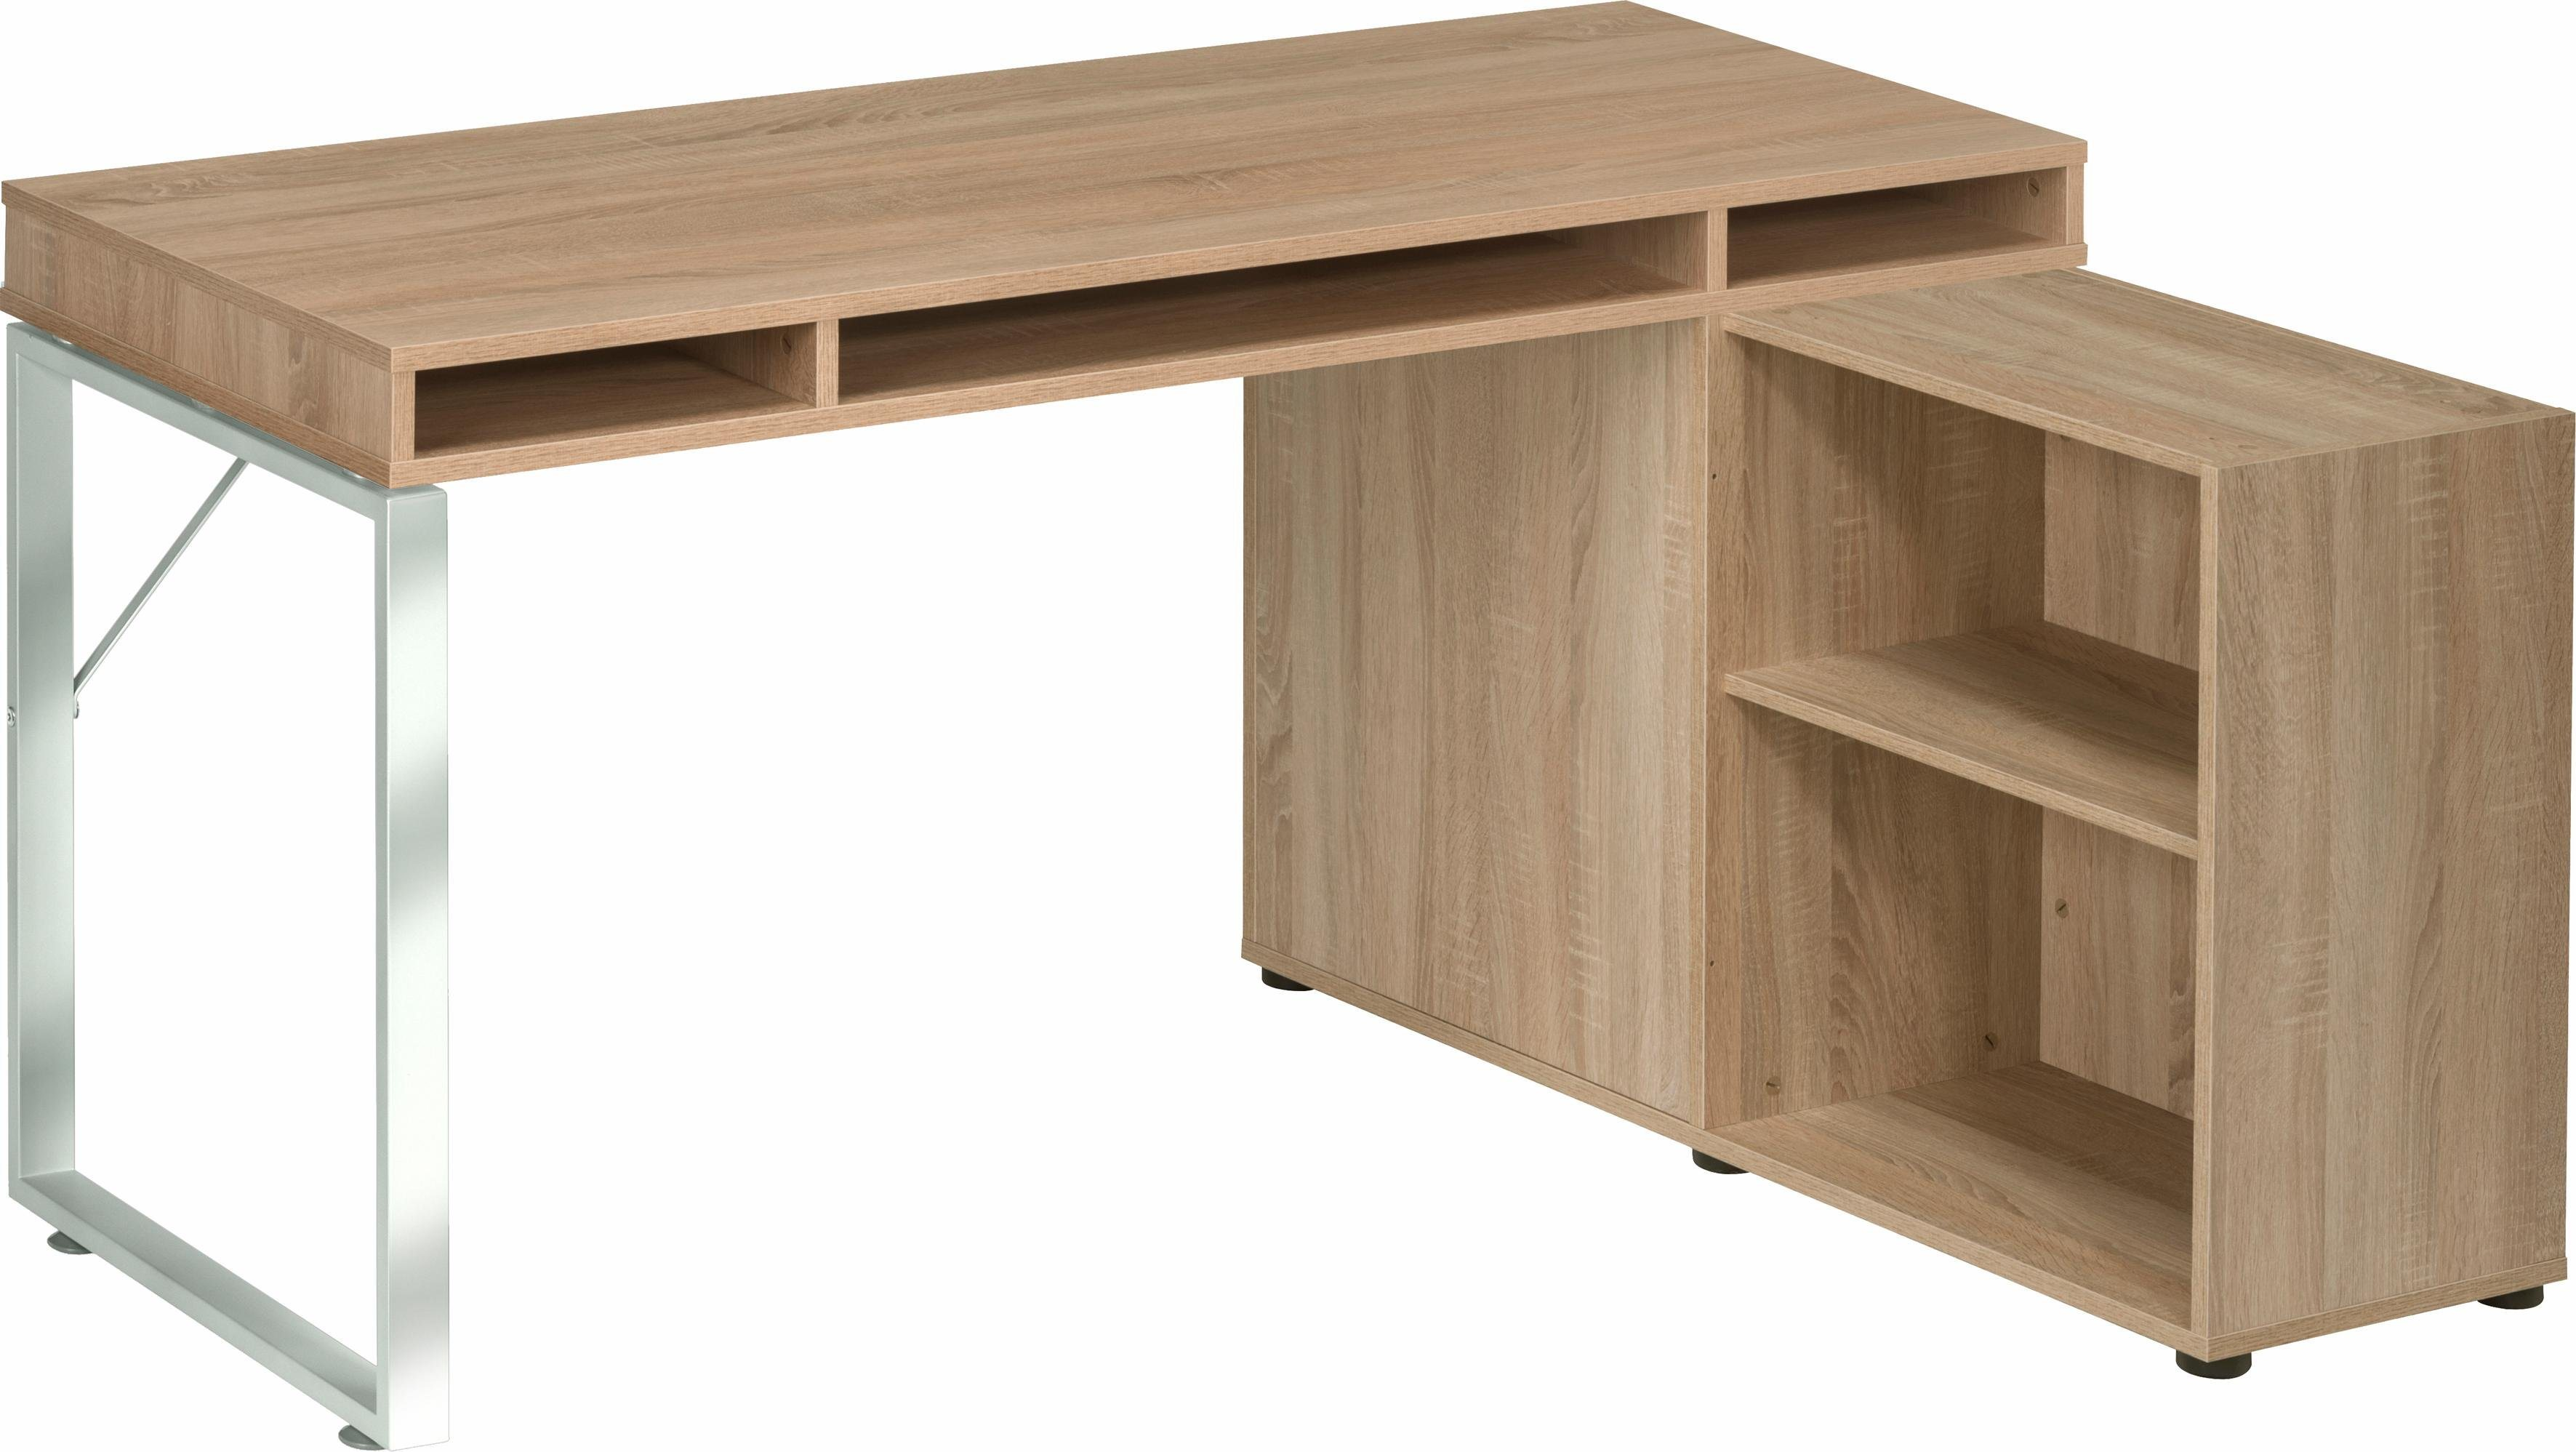 Maja Möbel Schreibtisch »1579 MAGIC« | Büro > Bürotische > Schreibtische | Chrom - Glanz | Metall - Sonoma - Abs - Melamin | Maja Möbel